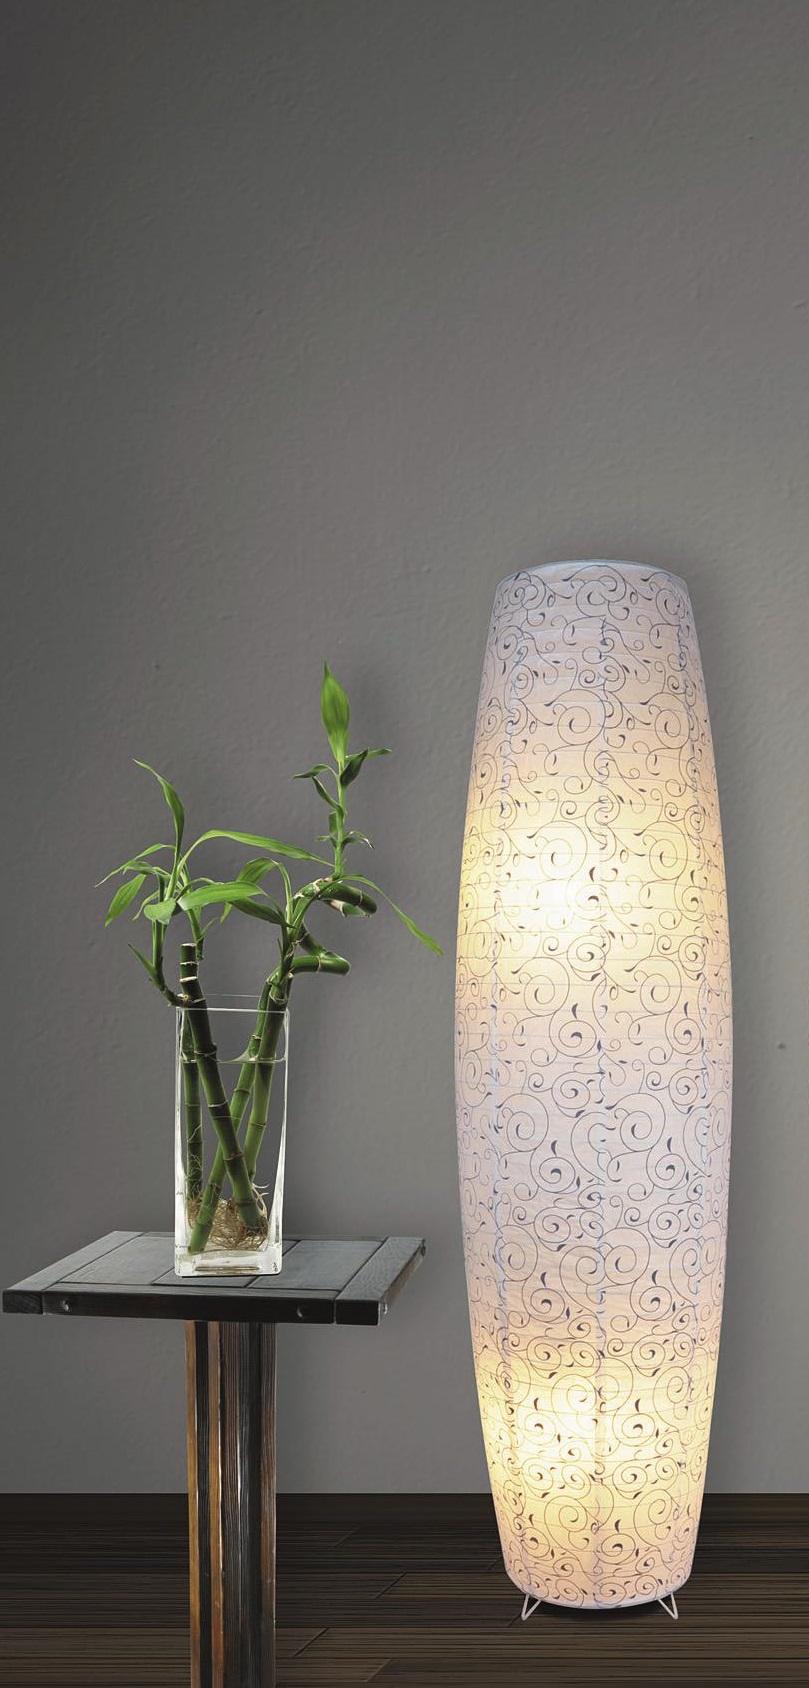 RABALUX 4729 Harmony lux stojací lampa nejen do obýváku